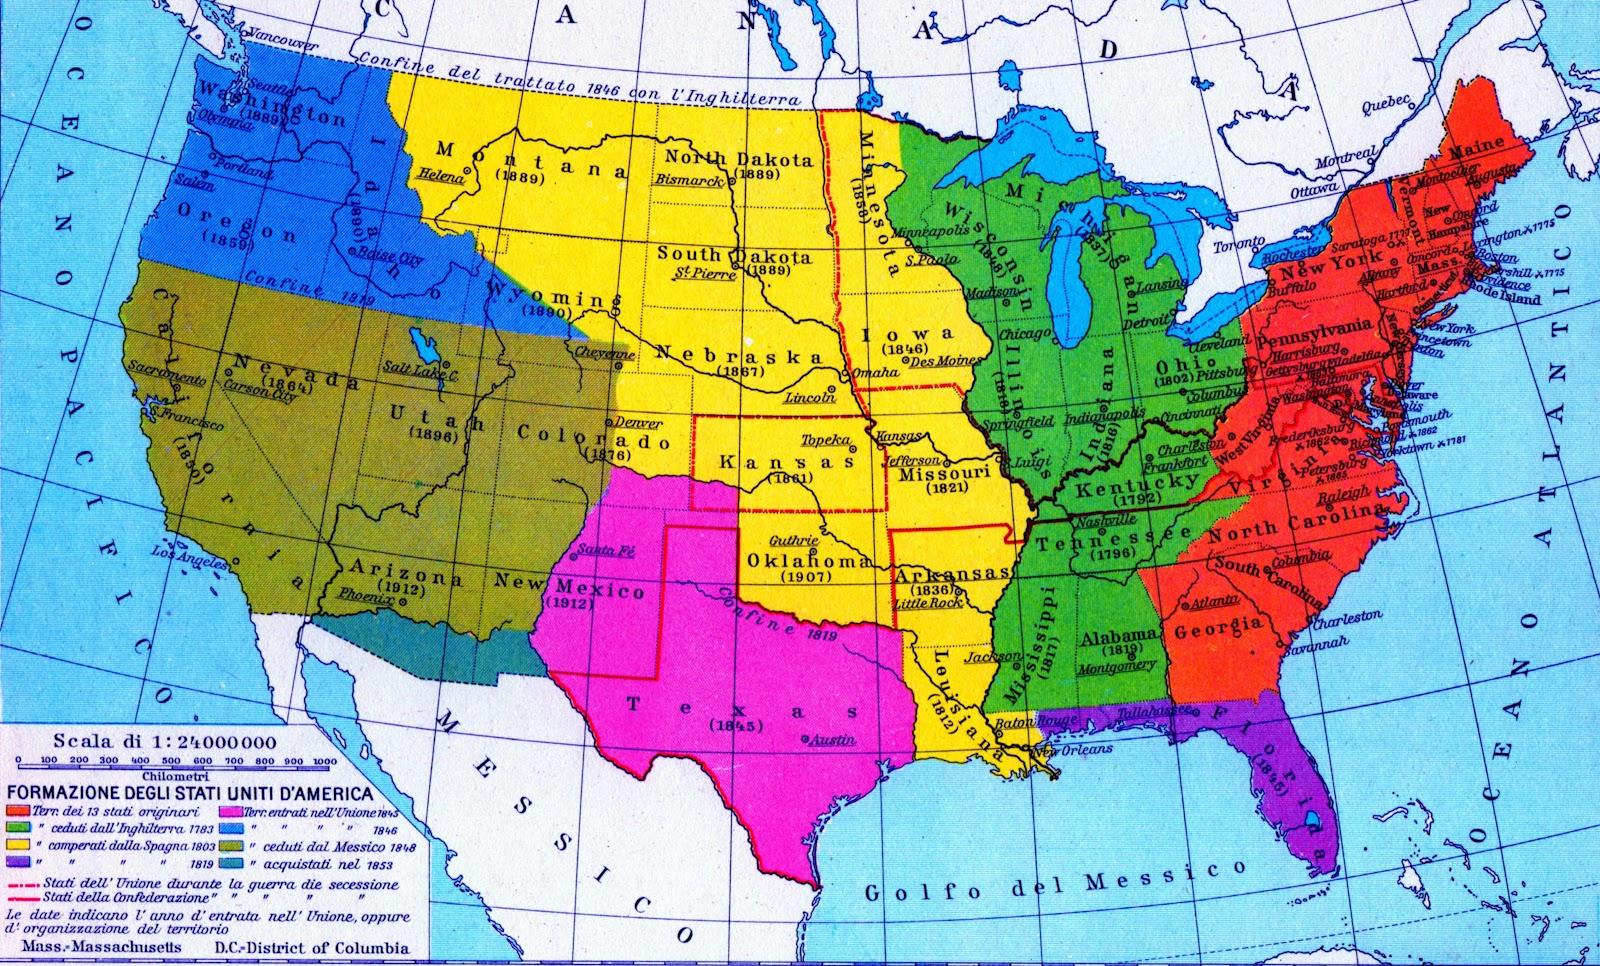 Cartina Stati Uniti D America Politica.Stati Uniti D America Mappa Politica